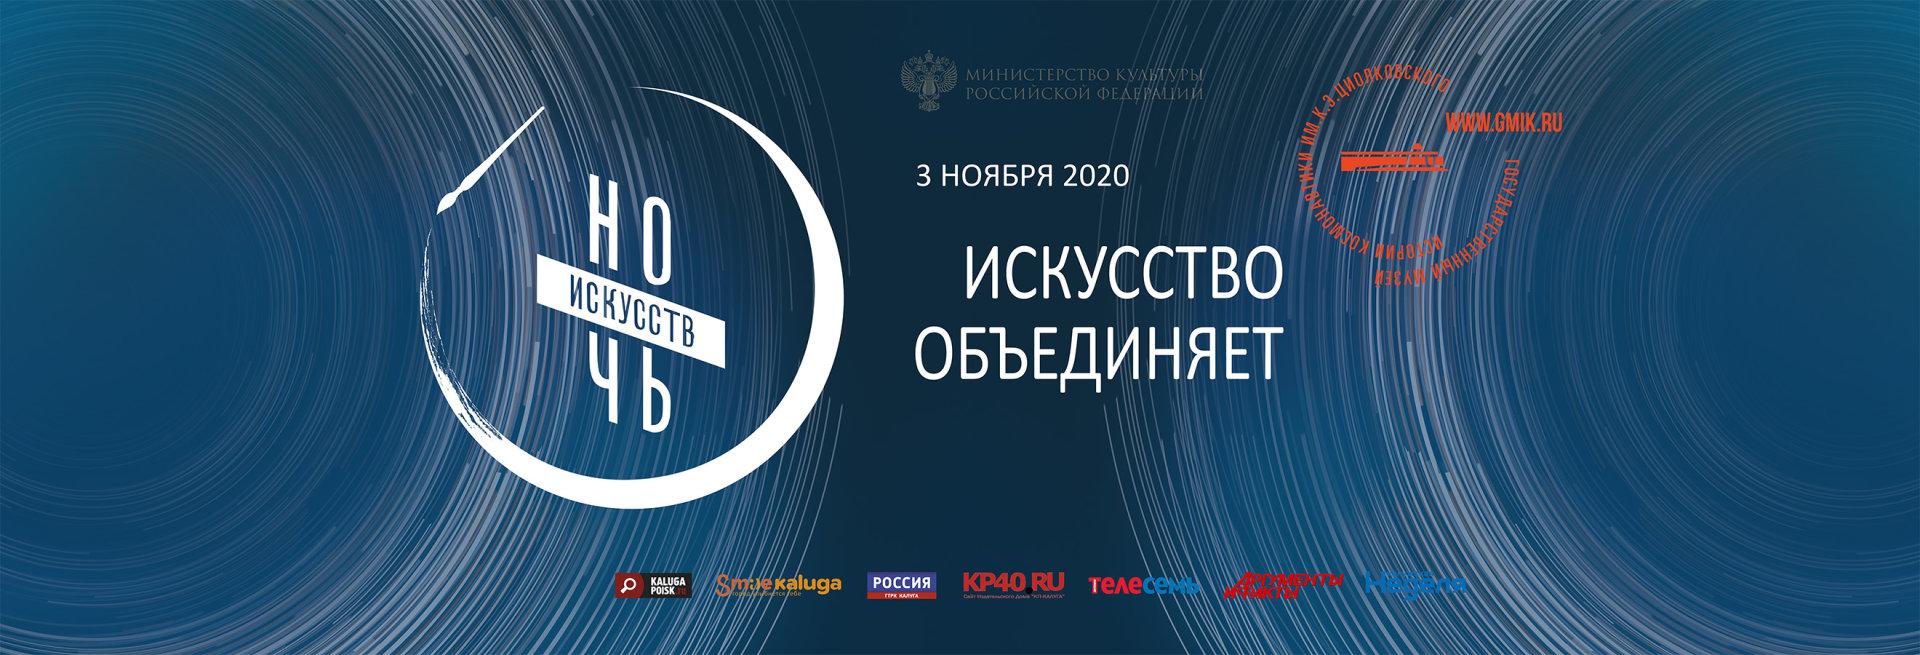 На слайдер Ночь искусств 2020